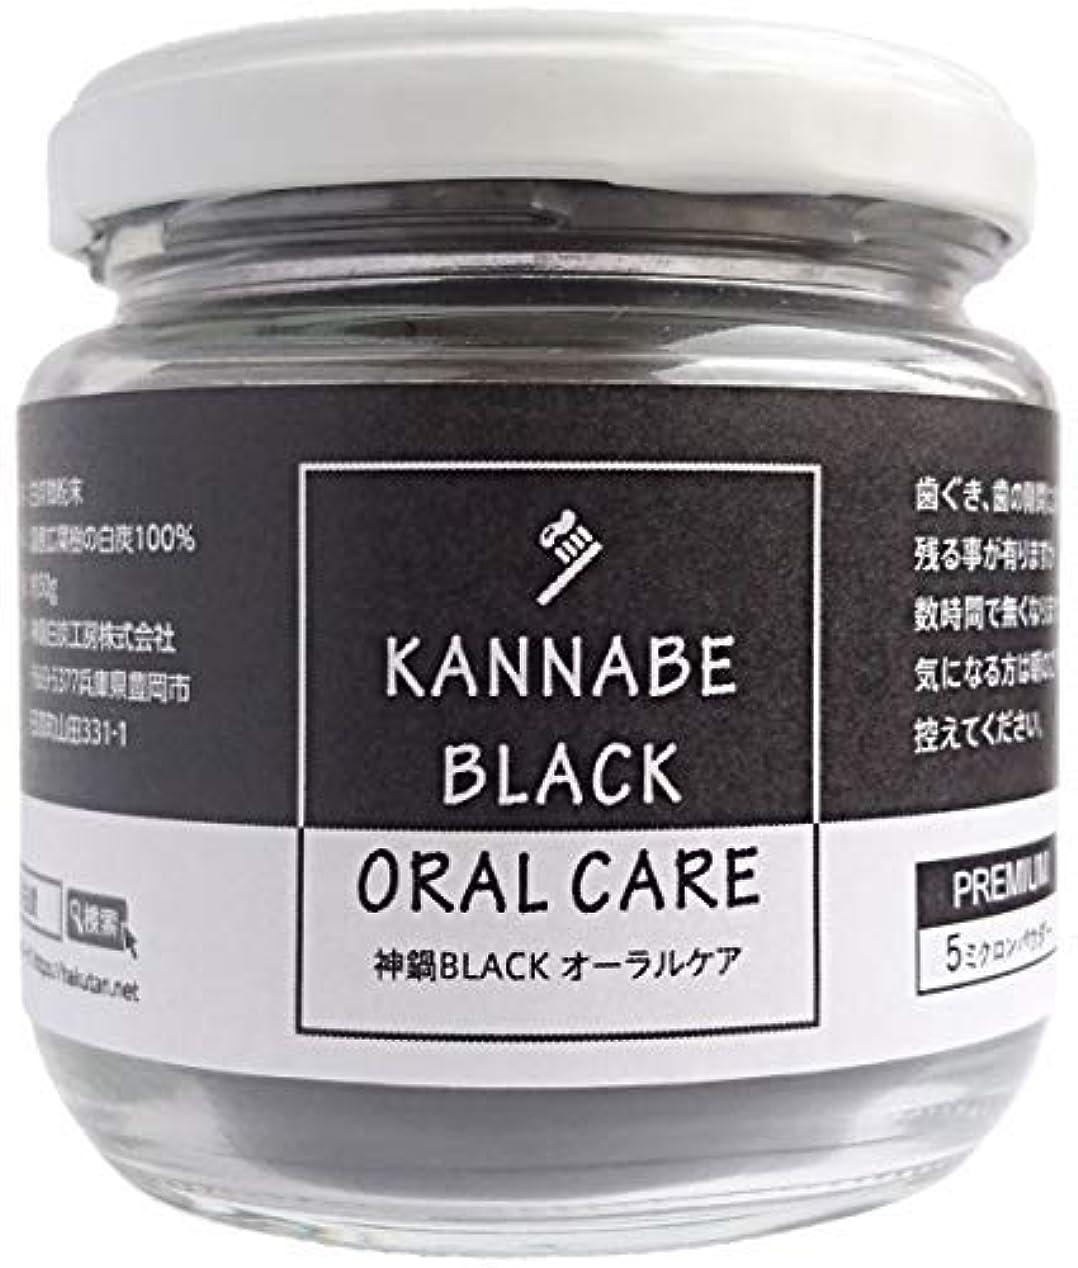 識別するローン壊滅的なホワイトニング オーラルケア 歯磨き 口臭 炭パウダー チャコール 5ミクロン 神鍋BLACK 独自白炭製法 50g